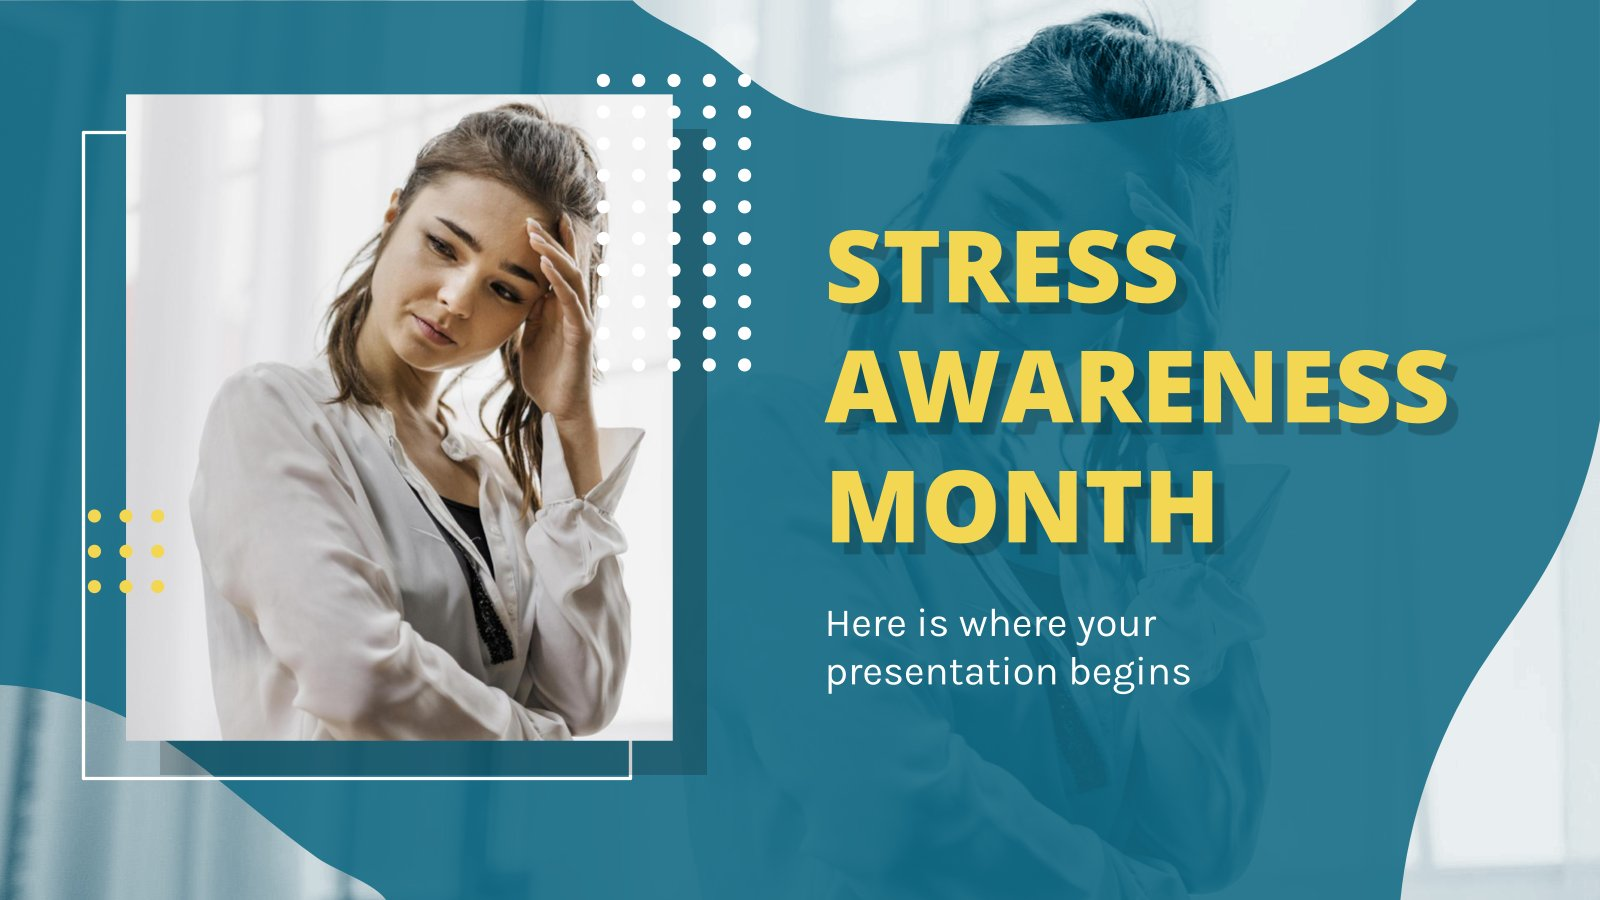 Mois de la sensibilisation au stress : Modèles de présentation